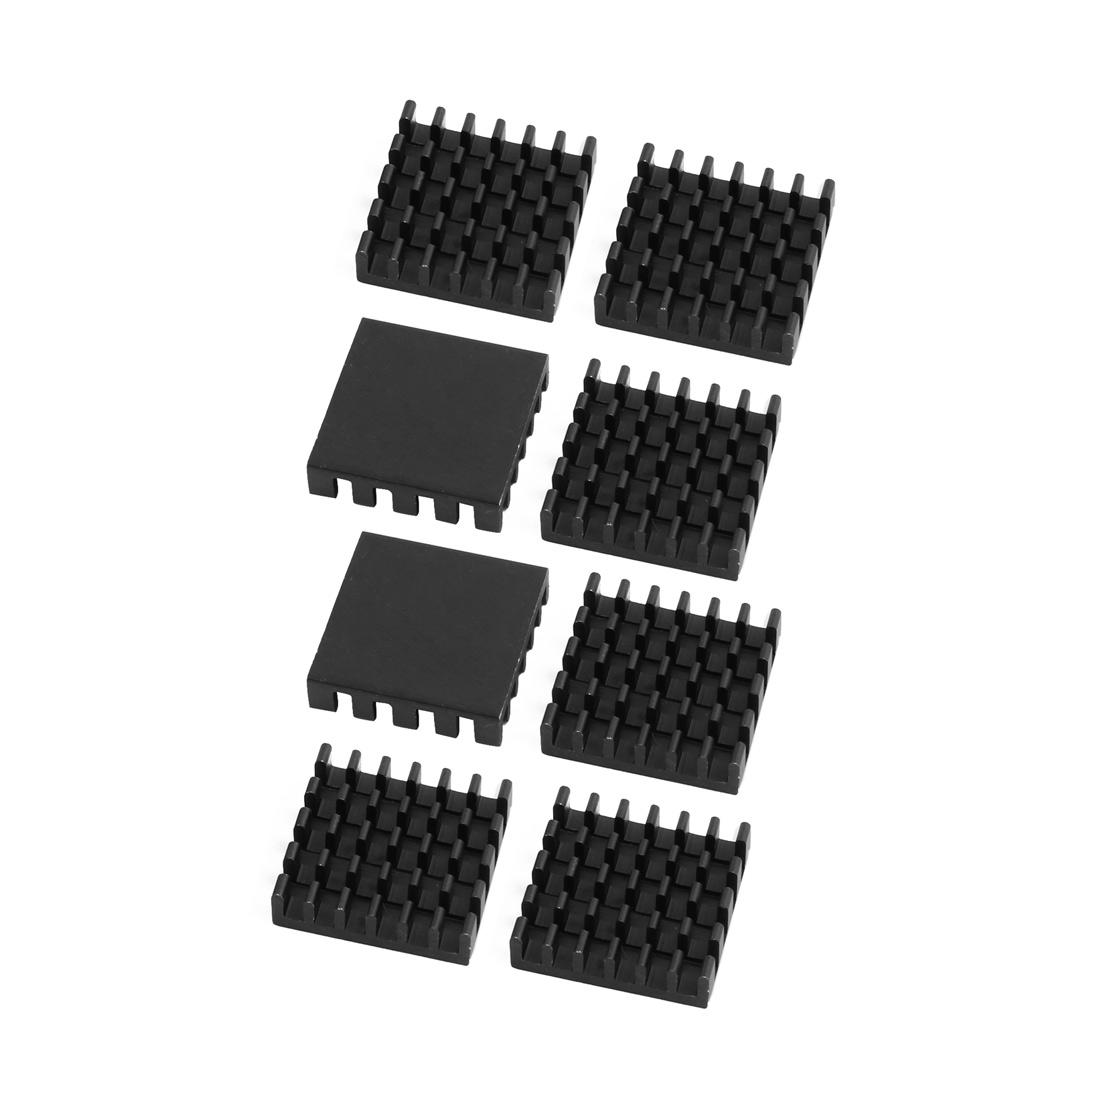 8Pcs 19mmx19mmx5mm Aluminum Heatsink Heat Diffuse Cooling Fin Black